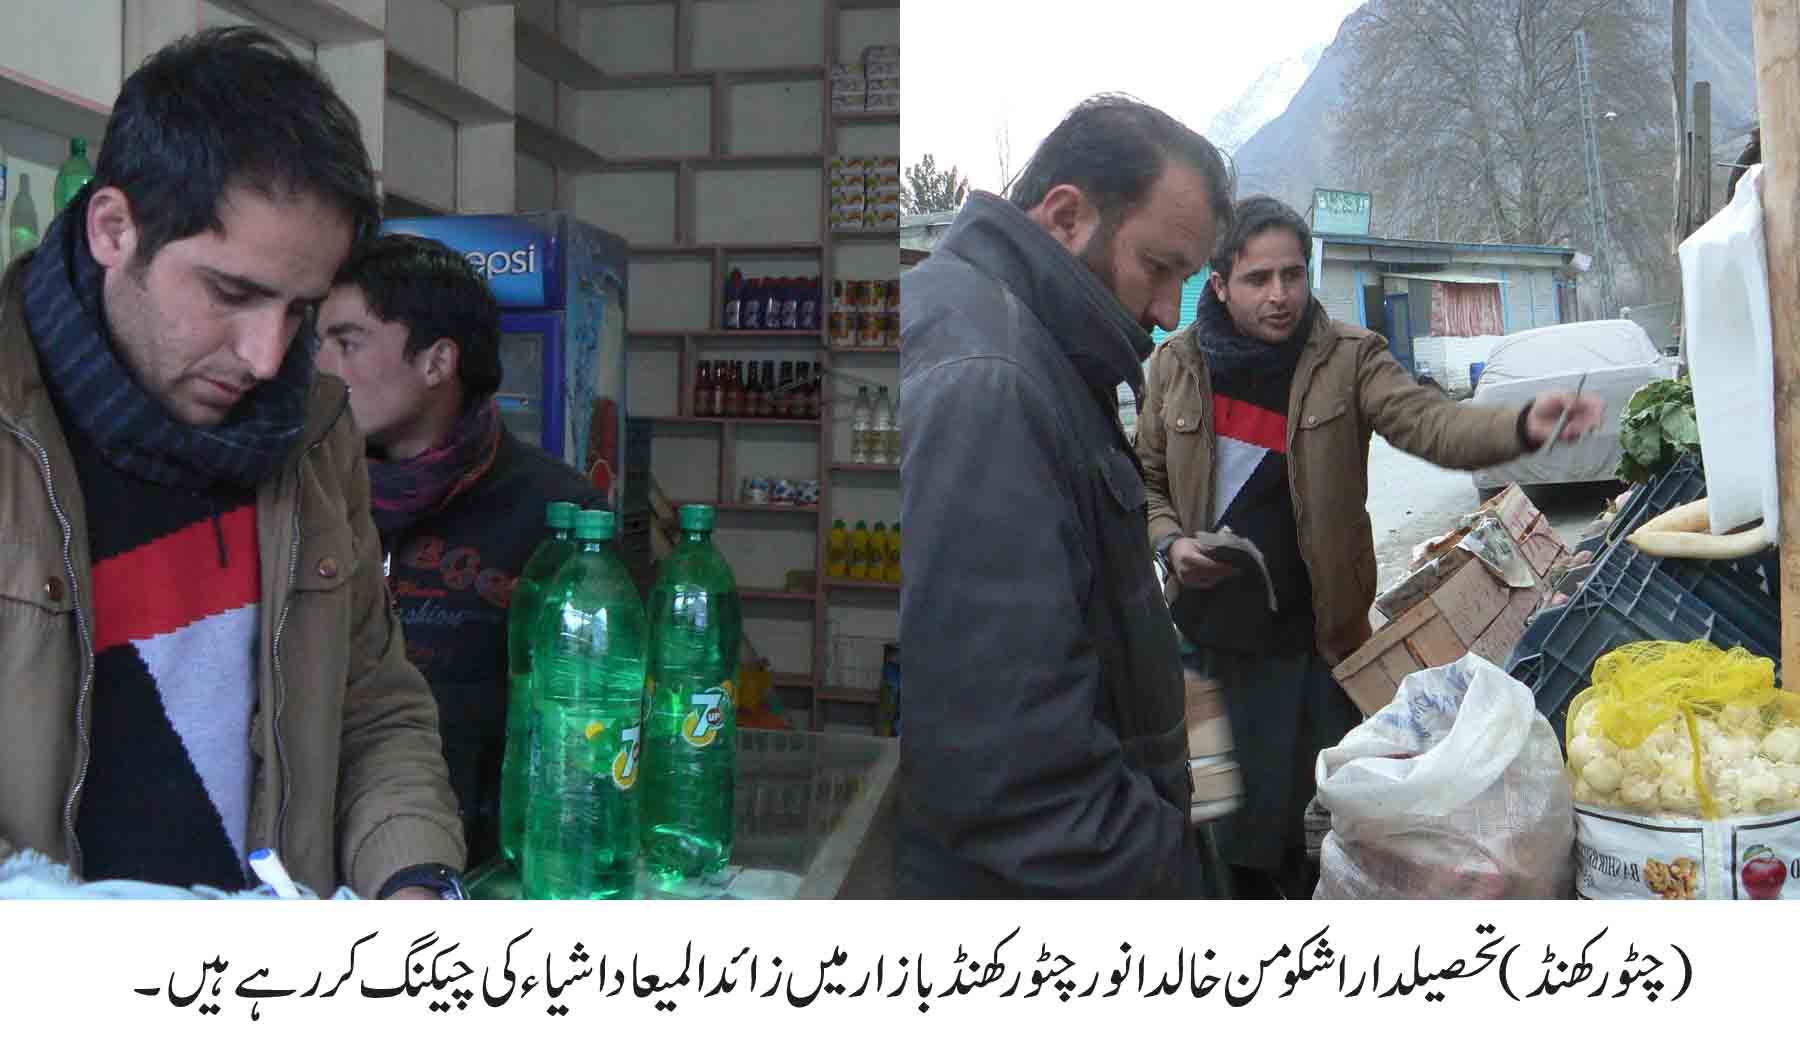 تحصیلداراشکومن کا چٹورکھنڈ بازار میں چھاپہ، زائد المیعاد َشیاضبط